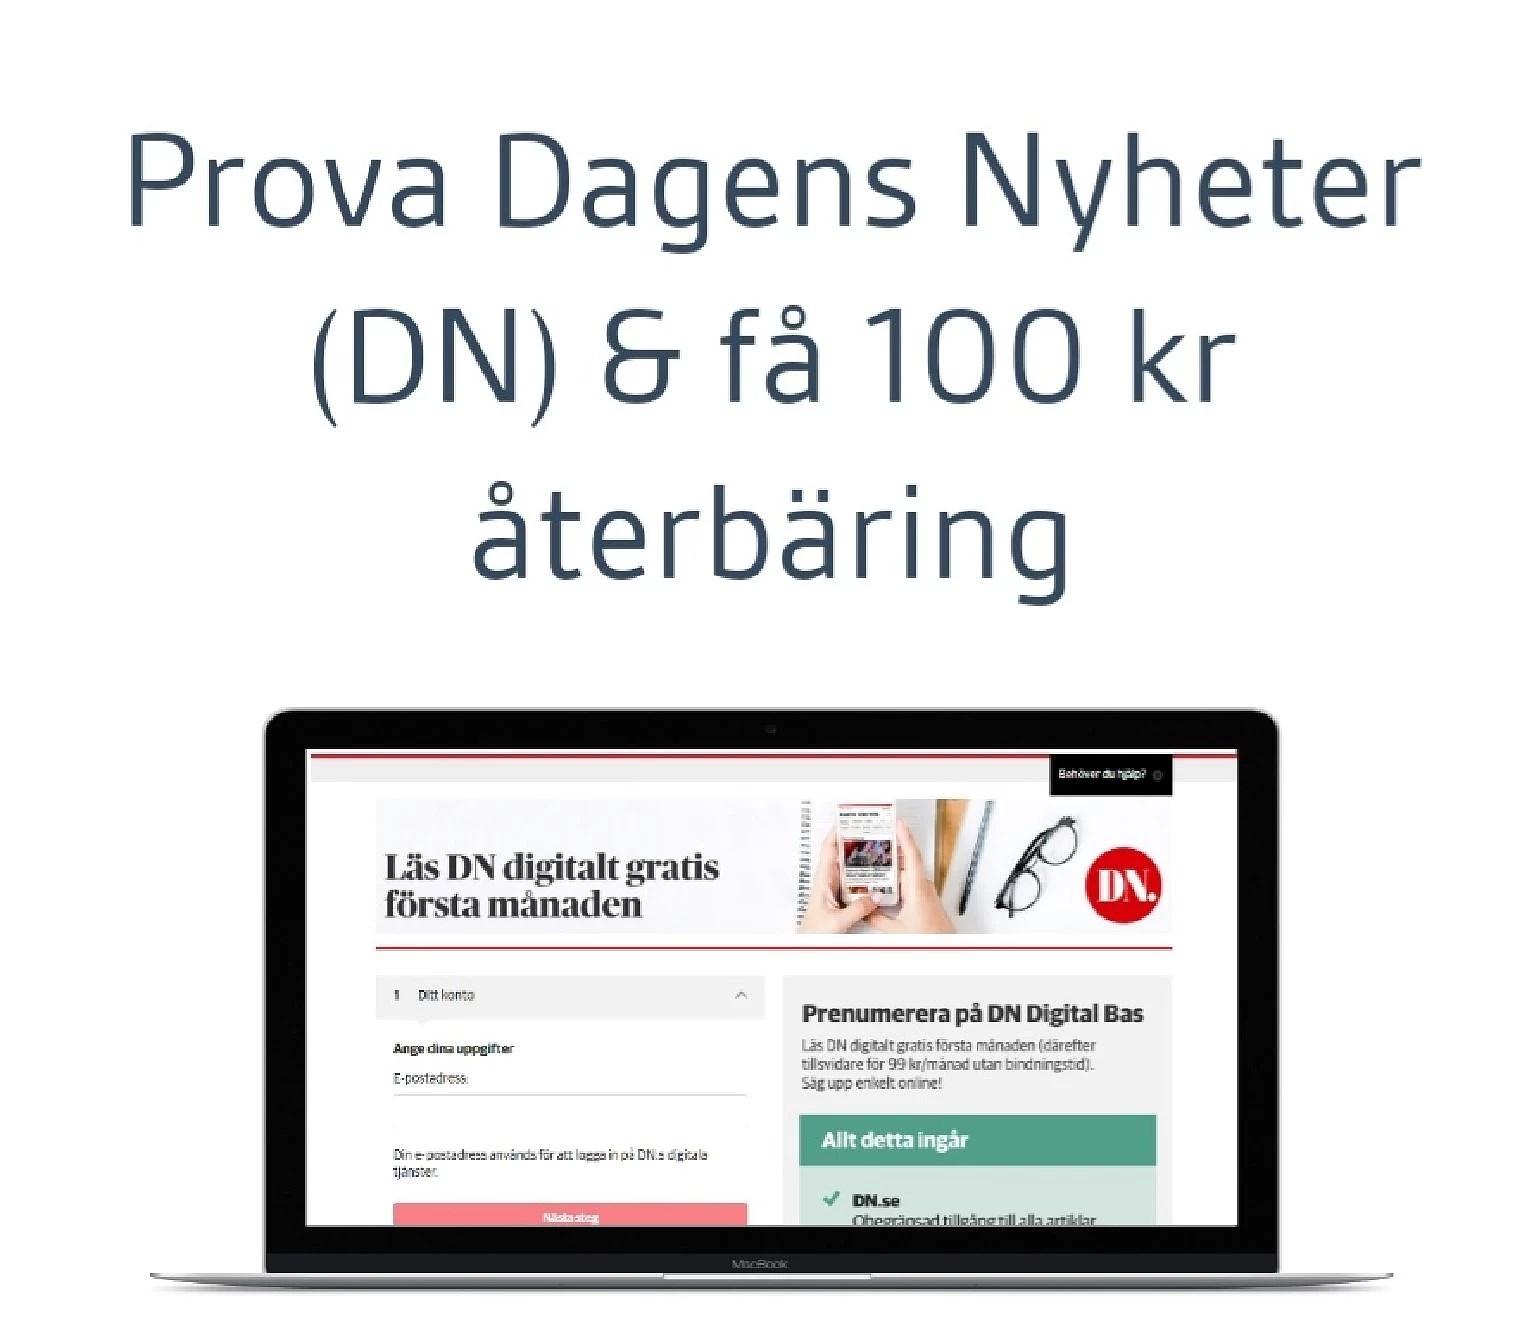 Få 100 kr cashback när du provar DN digital gratis första månaden...